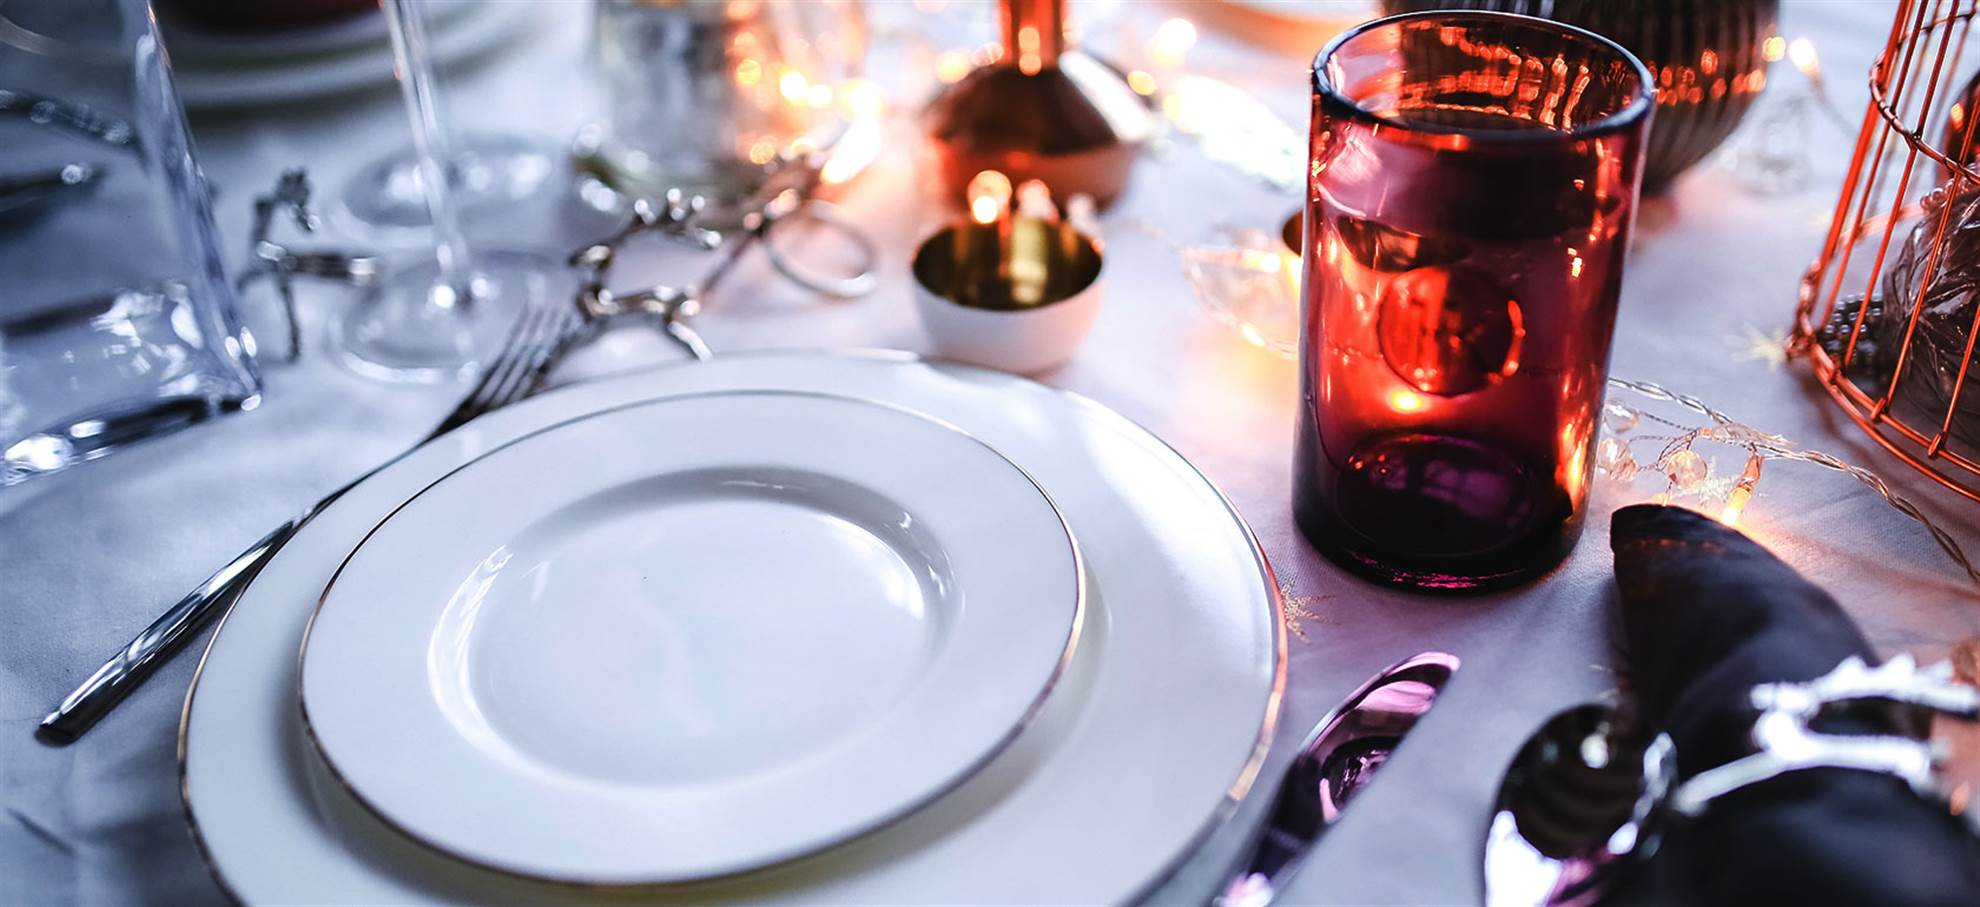 Kulinaarinen illallisristeily